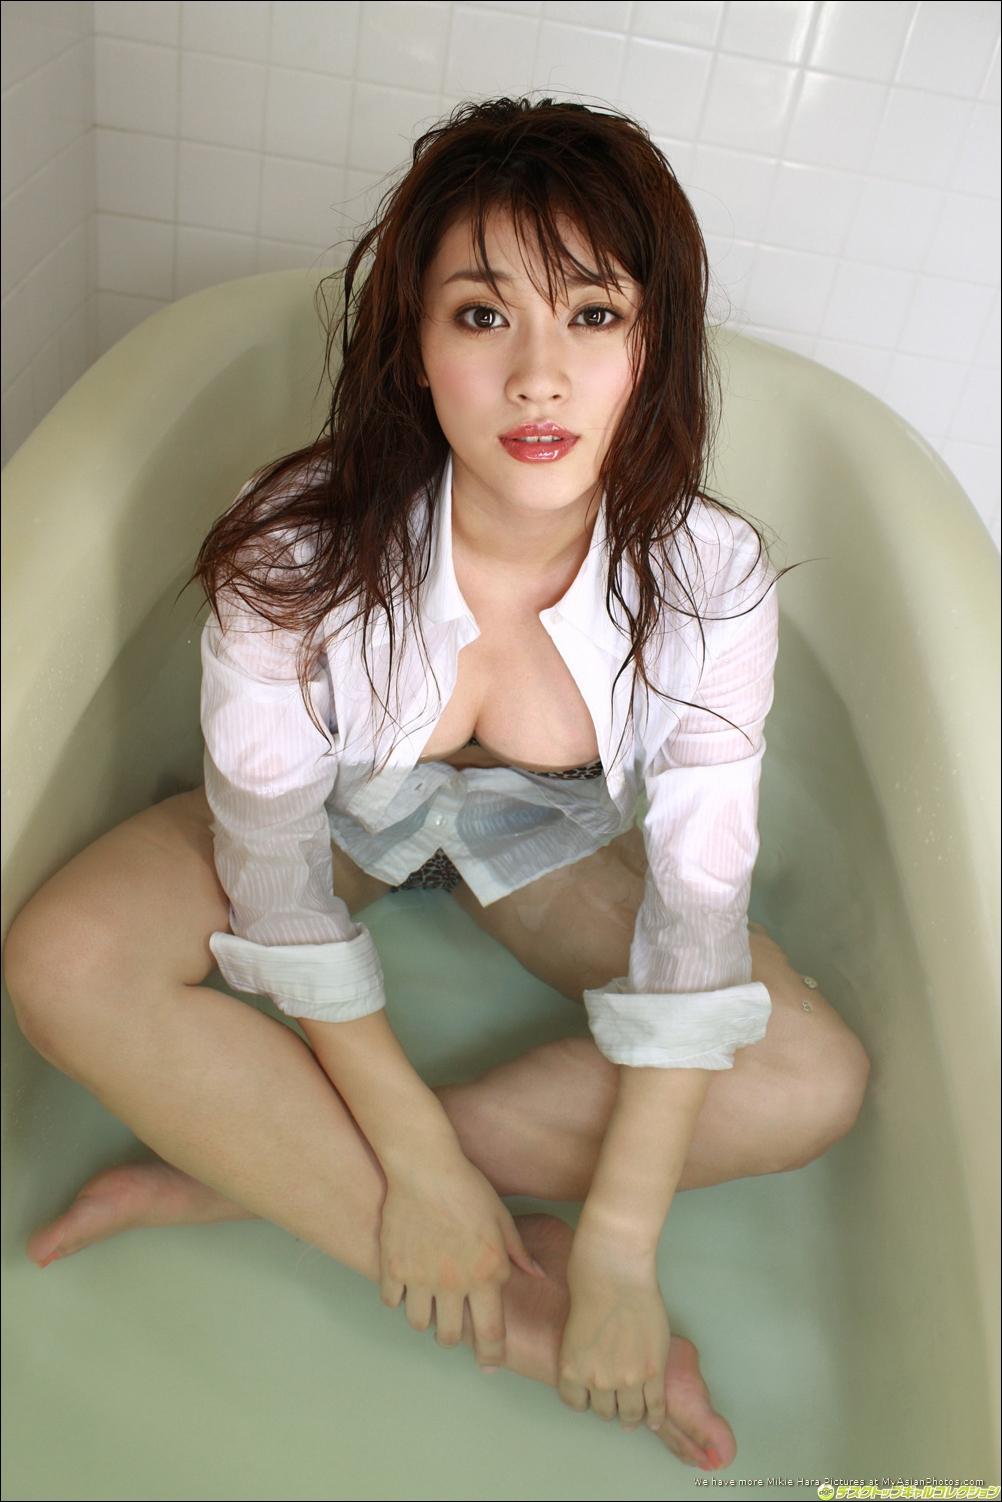 Hara mikie japanese actress gravure idol 9